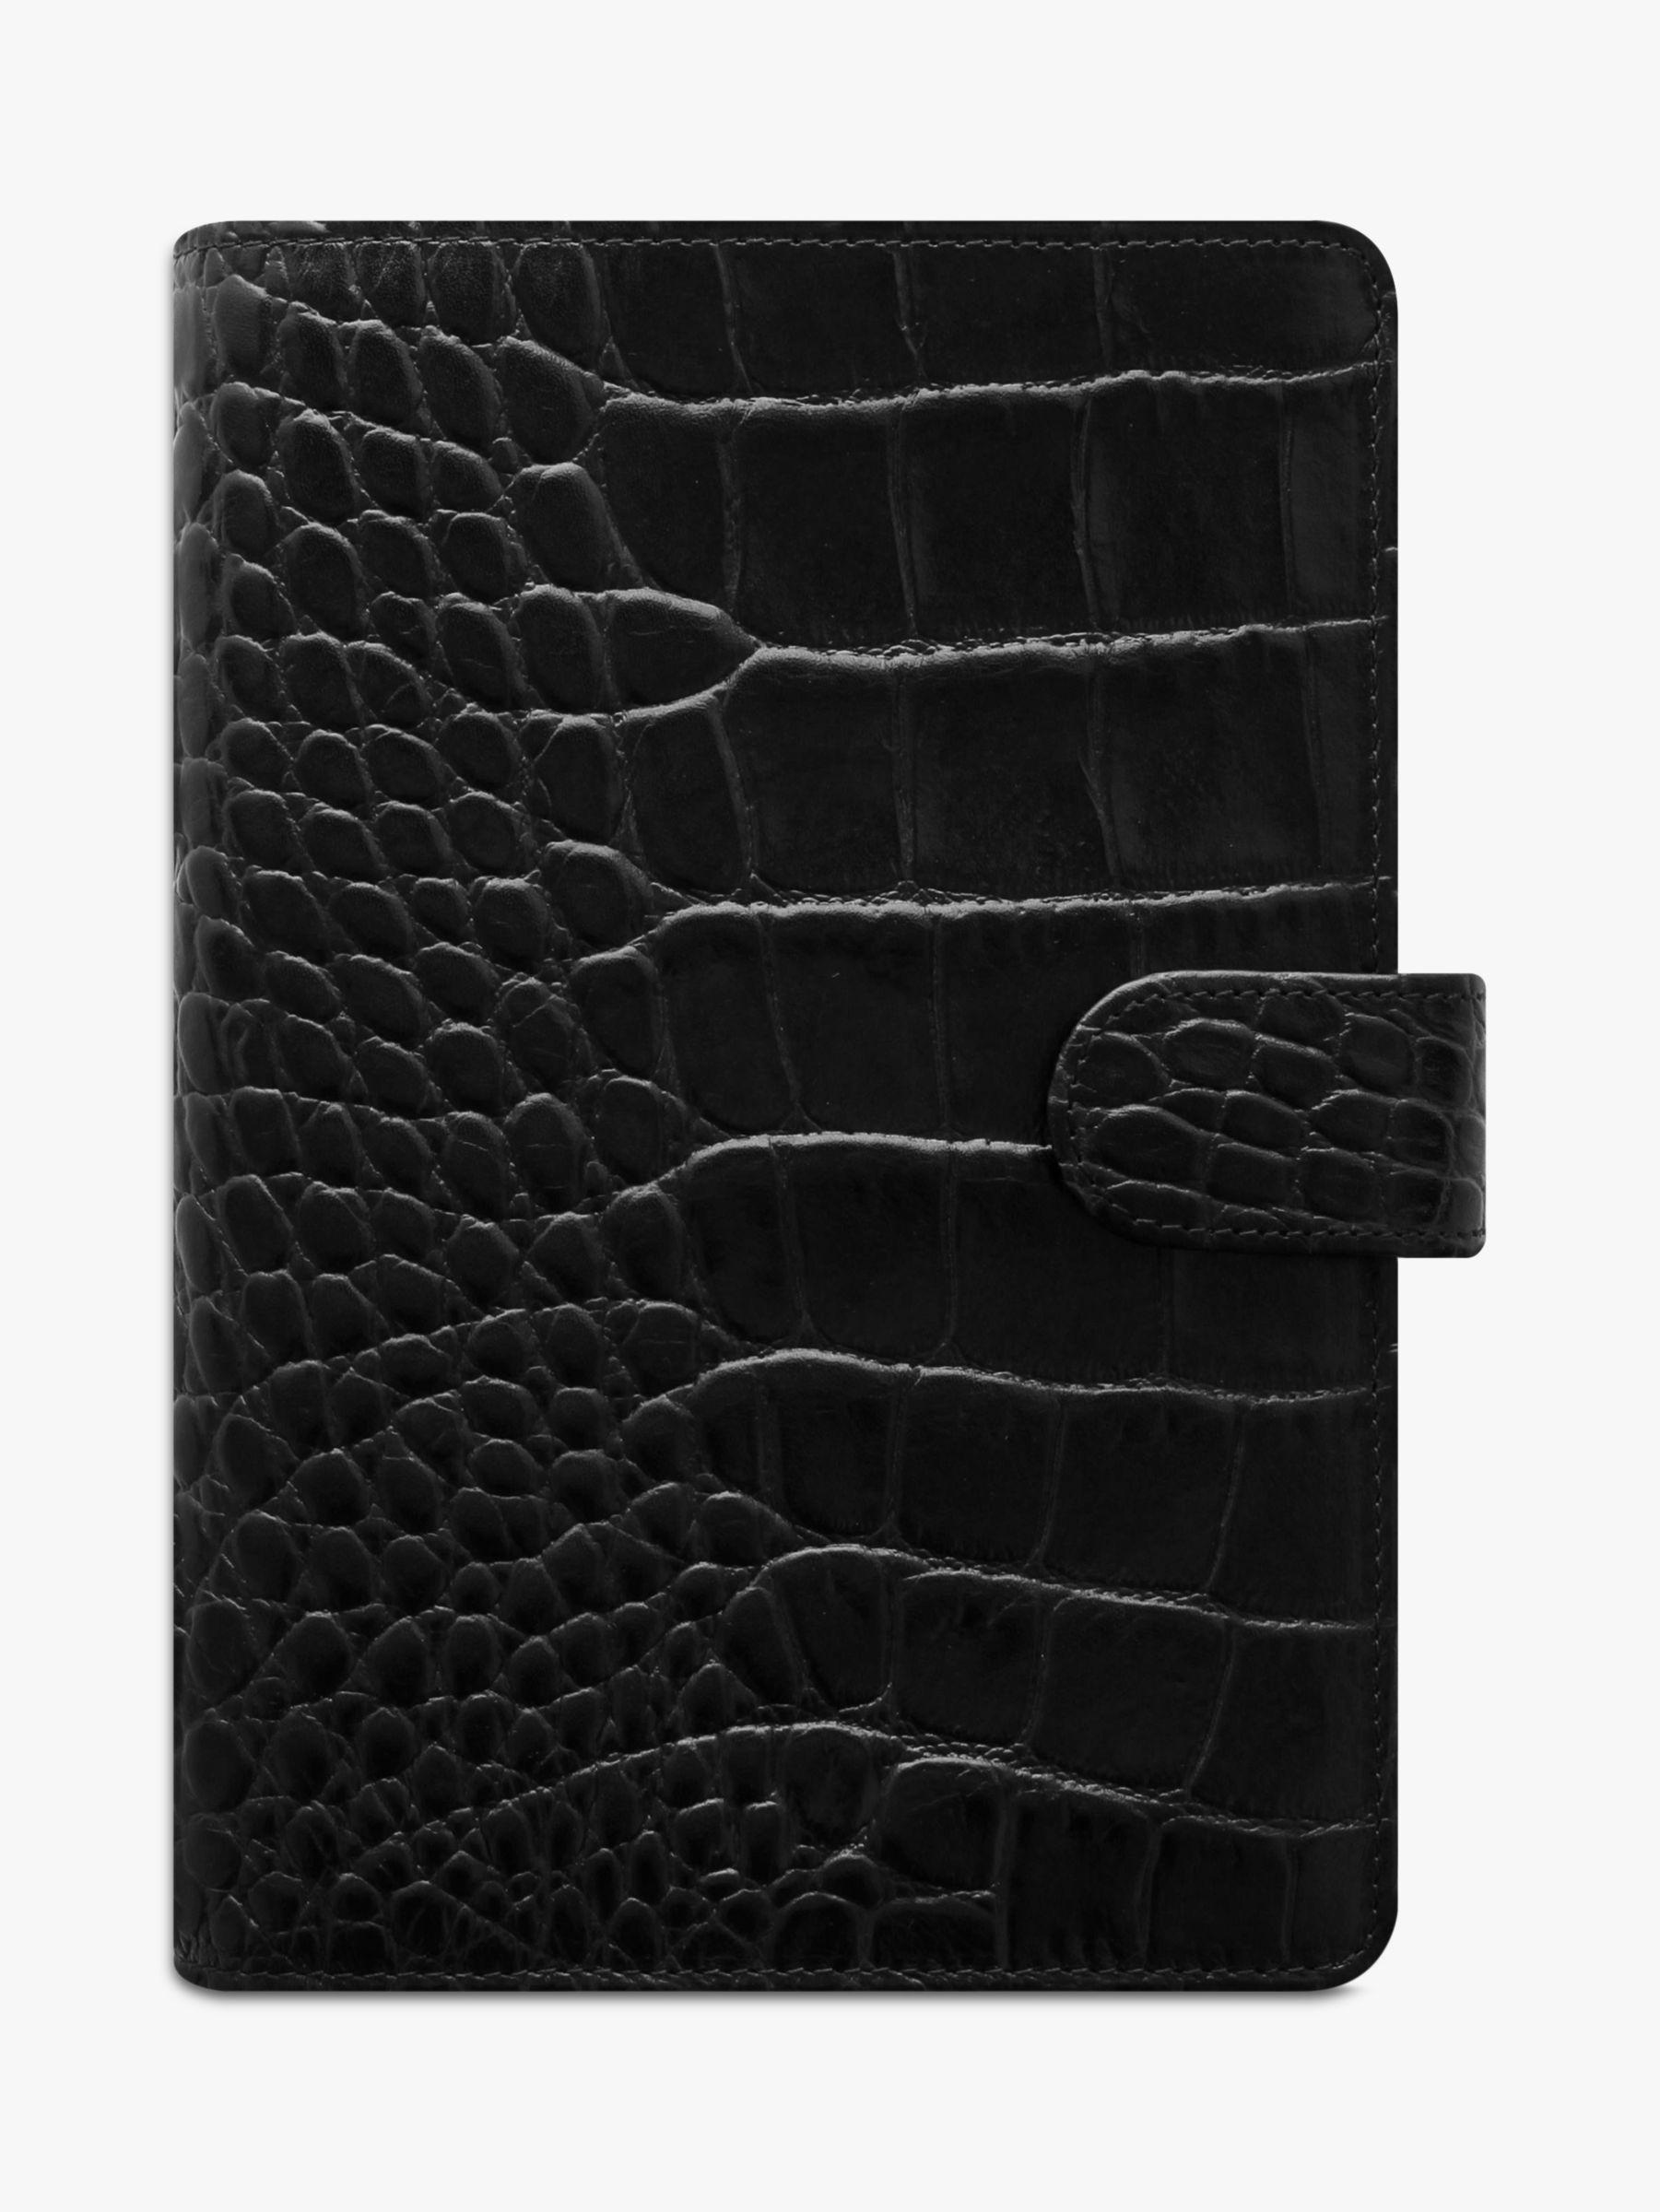 Filofax Filofax Classic Croc Personal Organiser, Ebony